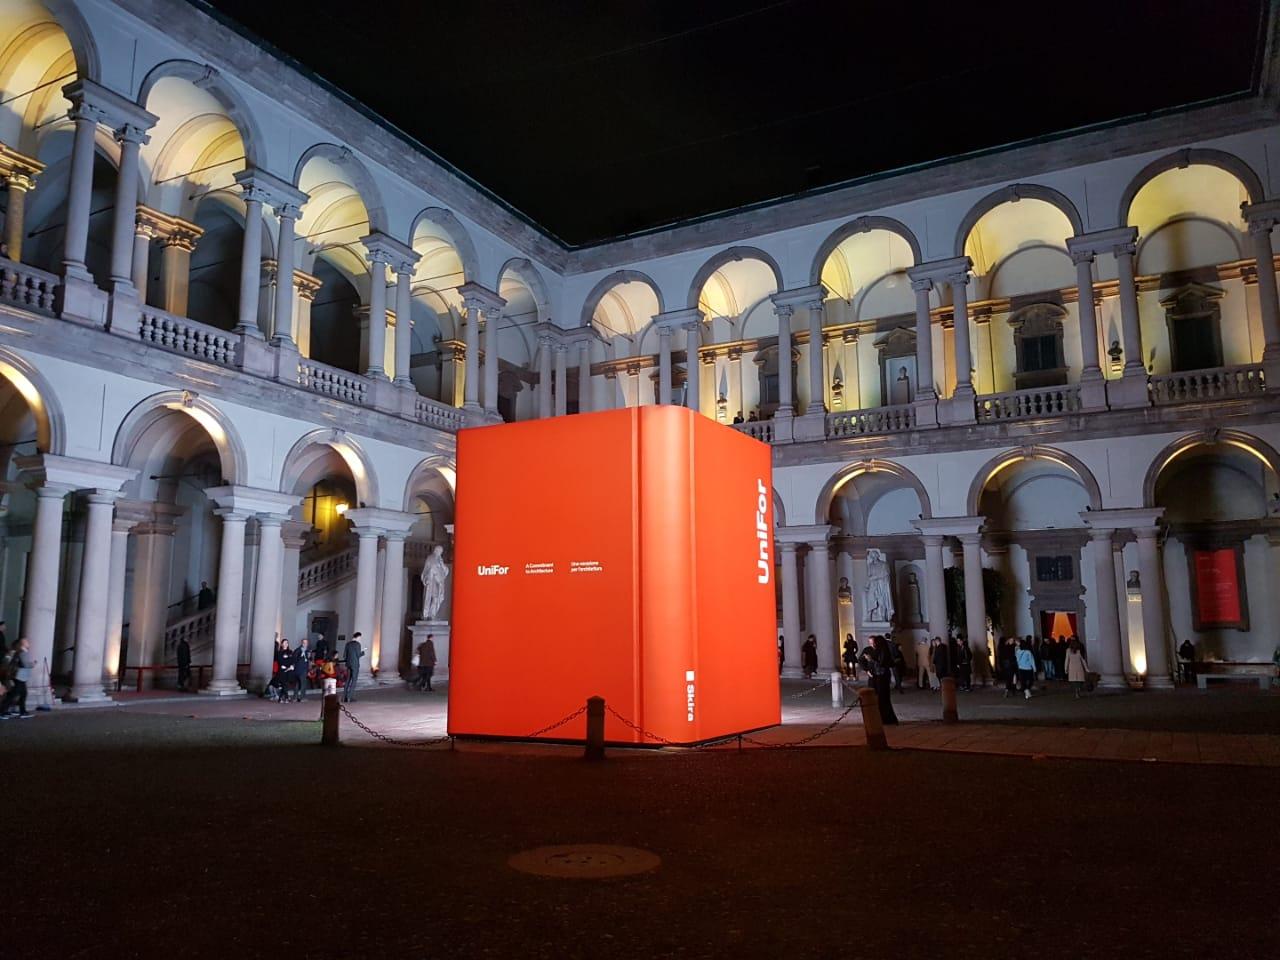 La empresa Uniform cumplió 50 años y festejó en la pinacoteca di Brera en Milan